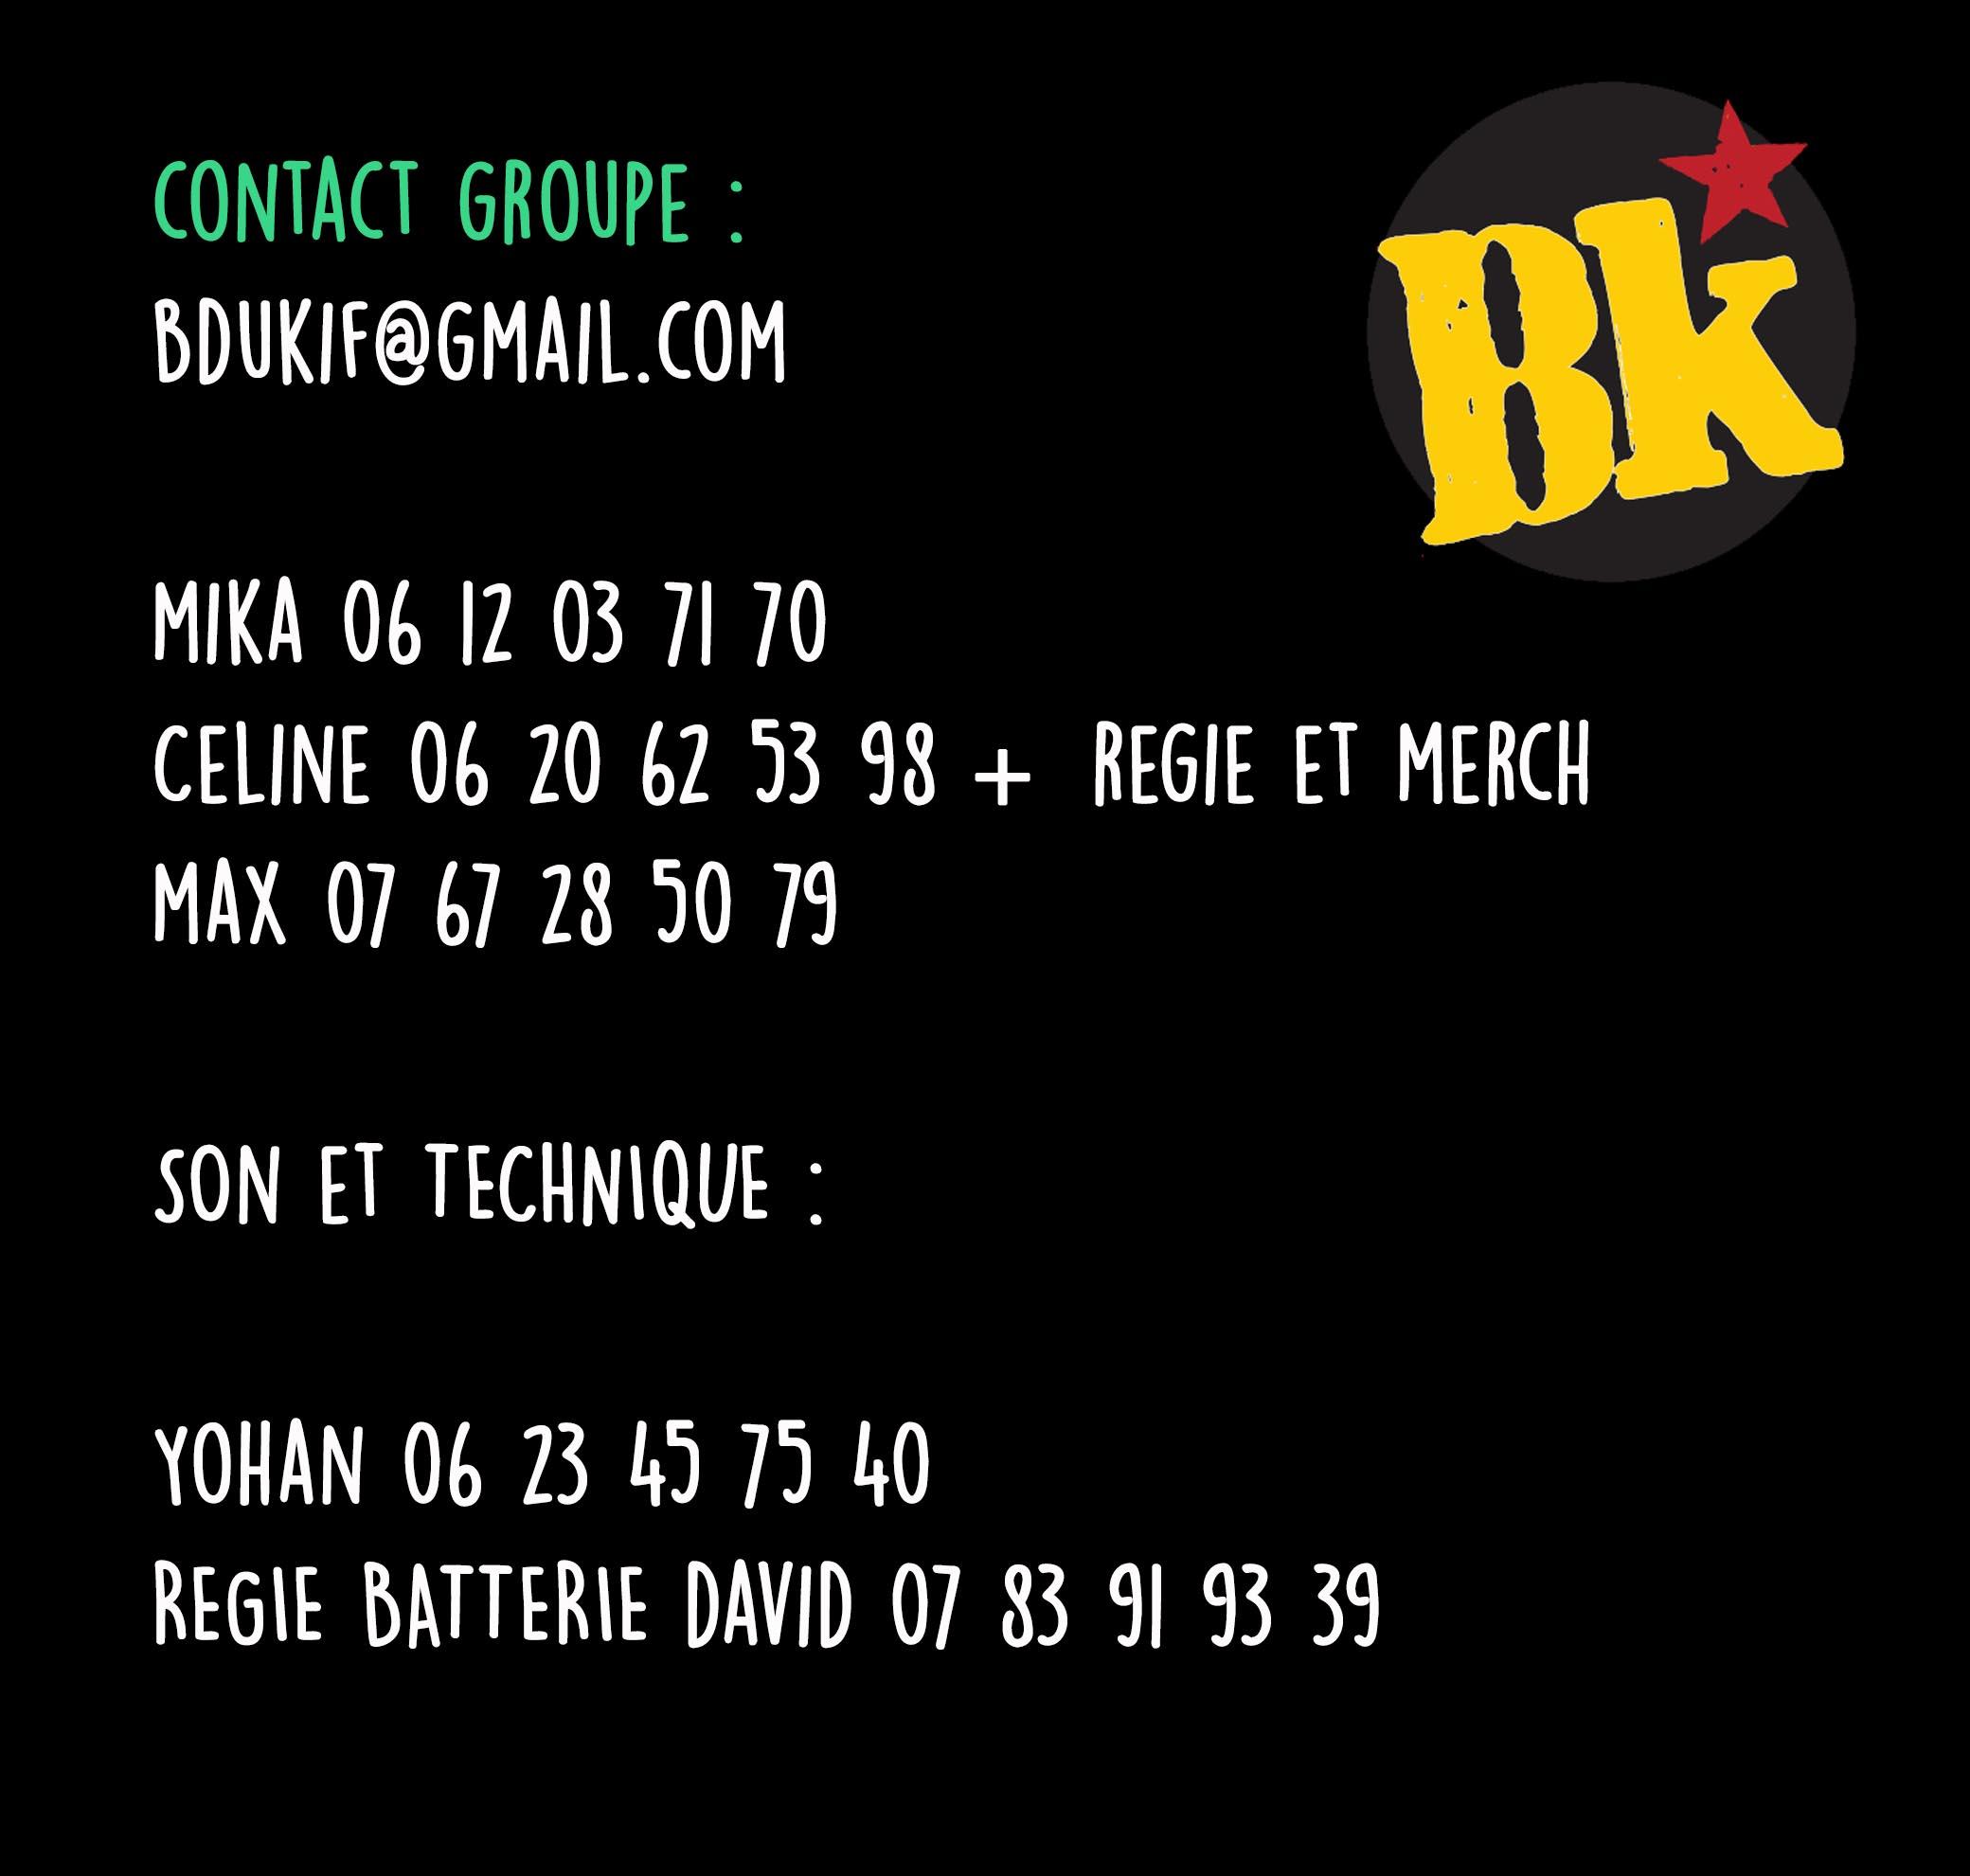 CONTACT BK2